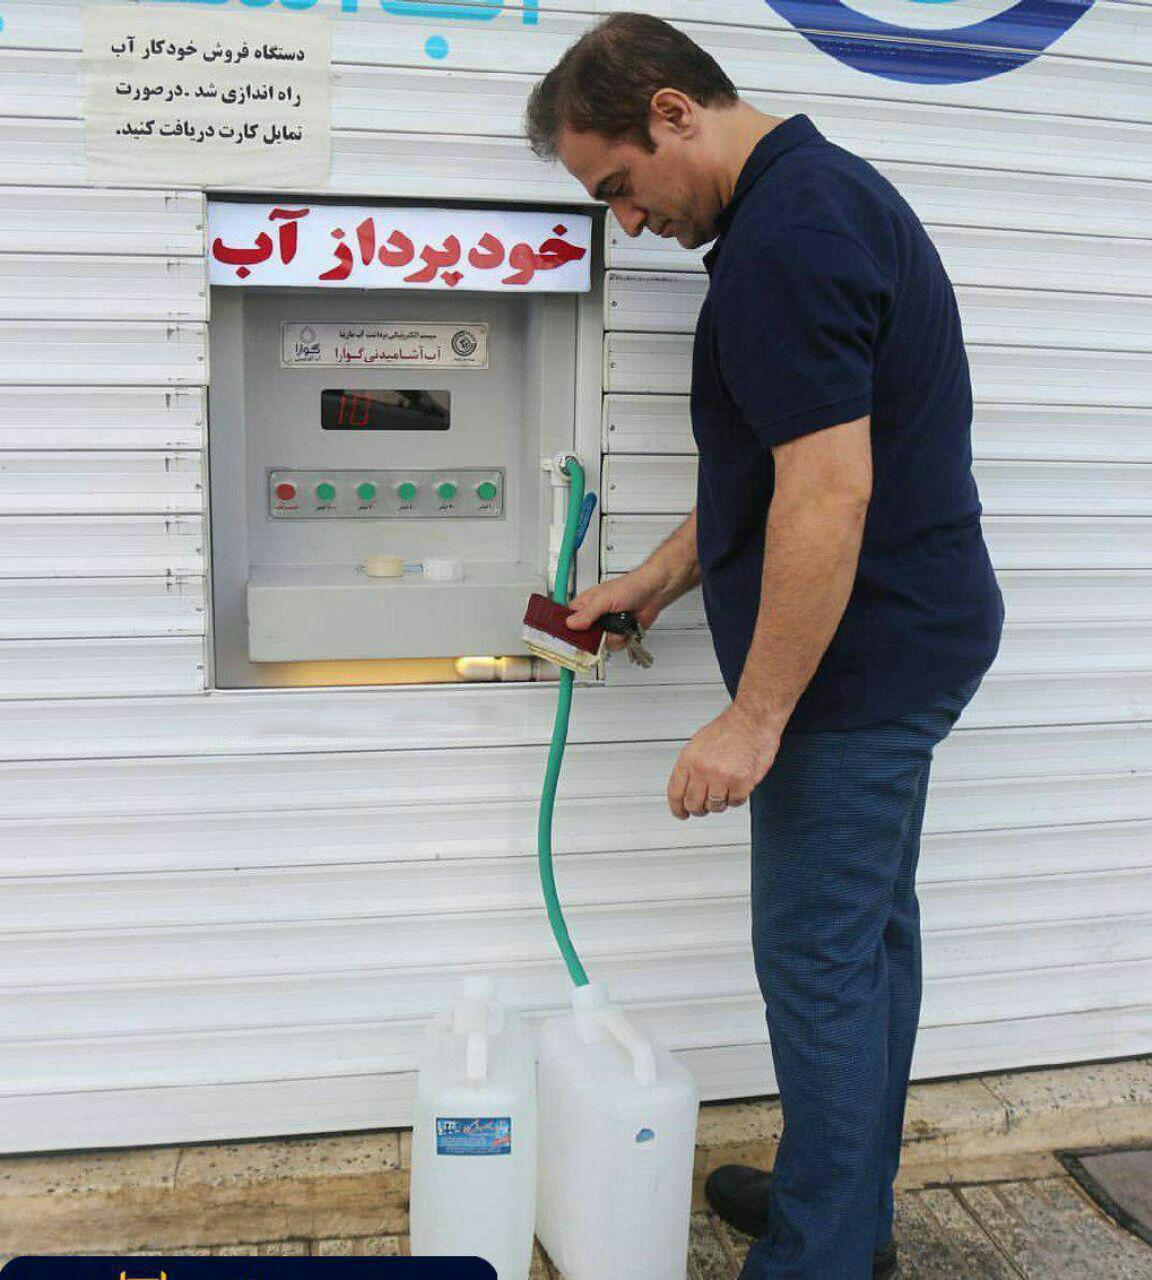 دستگاه خودپرداز آب آشامیدنی